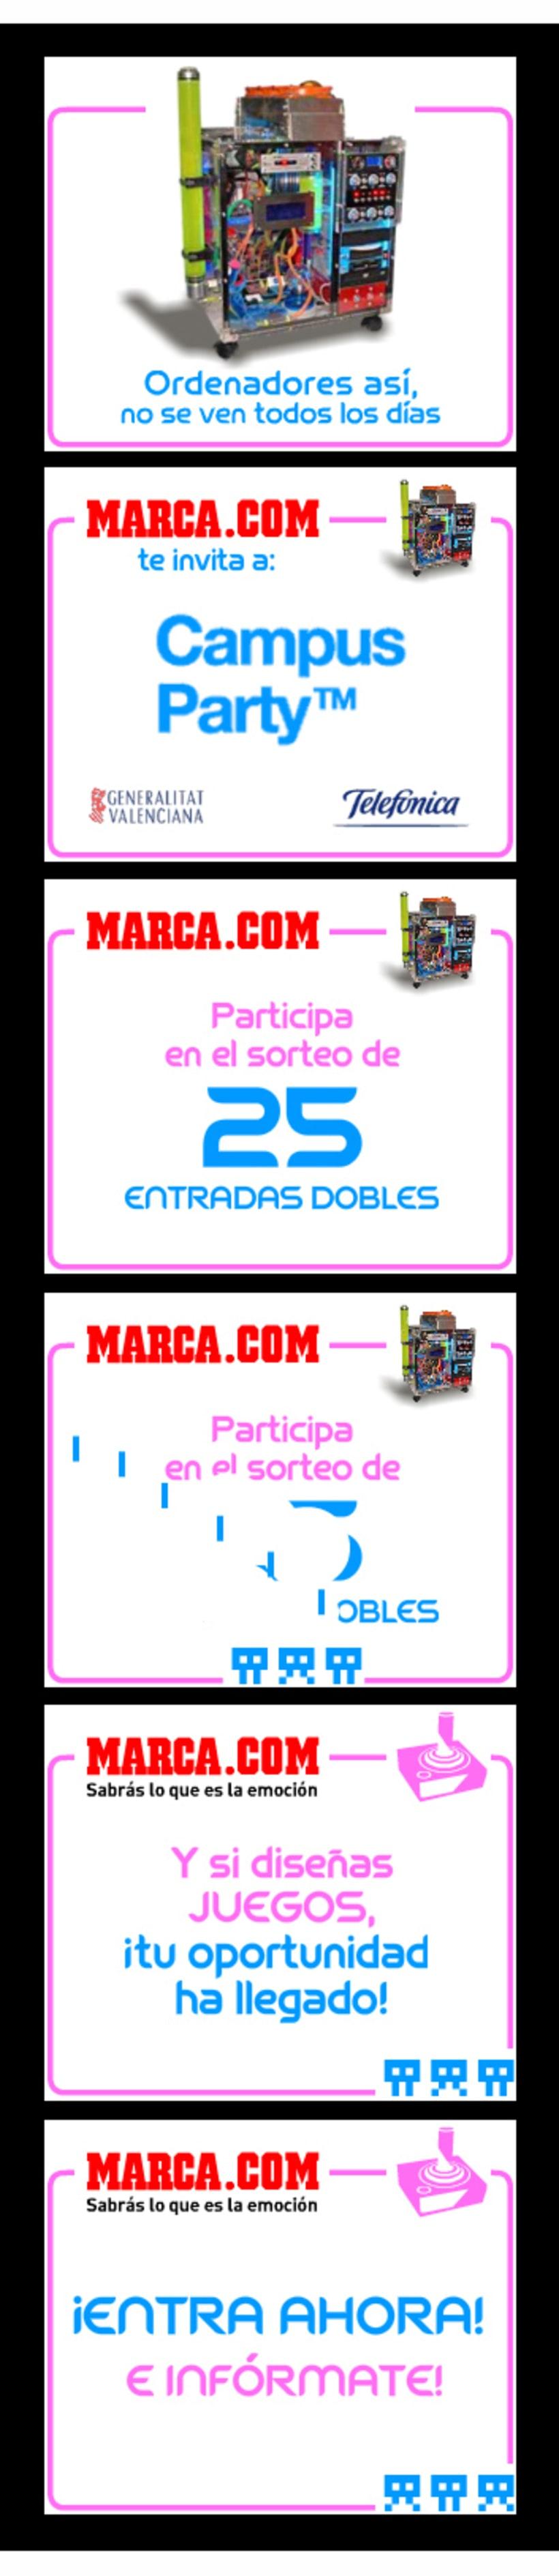 MARCA.com 3